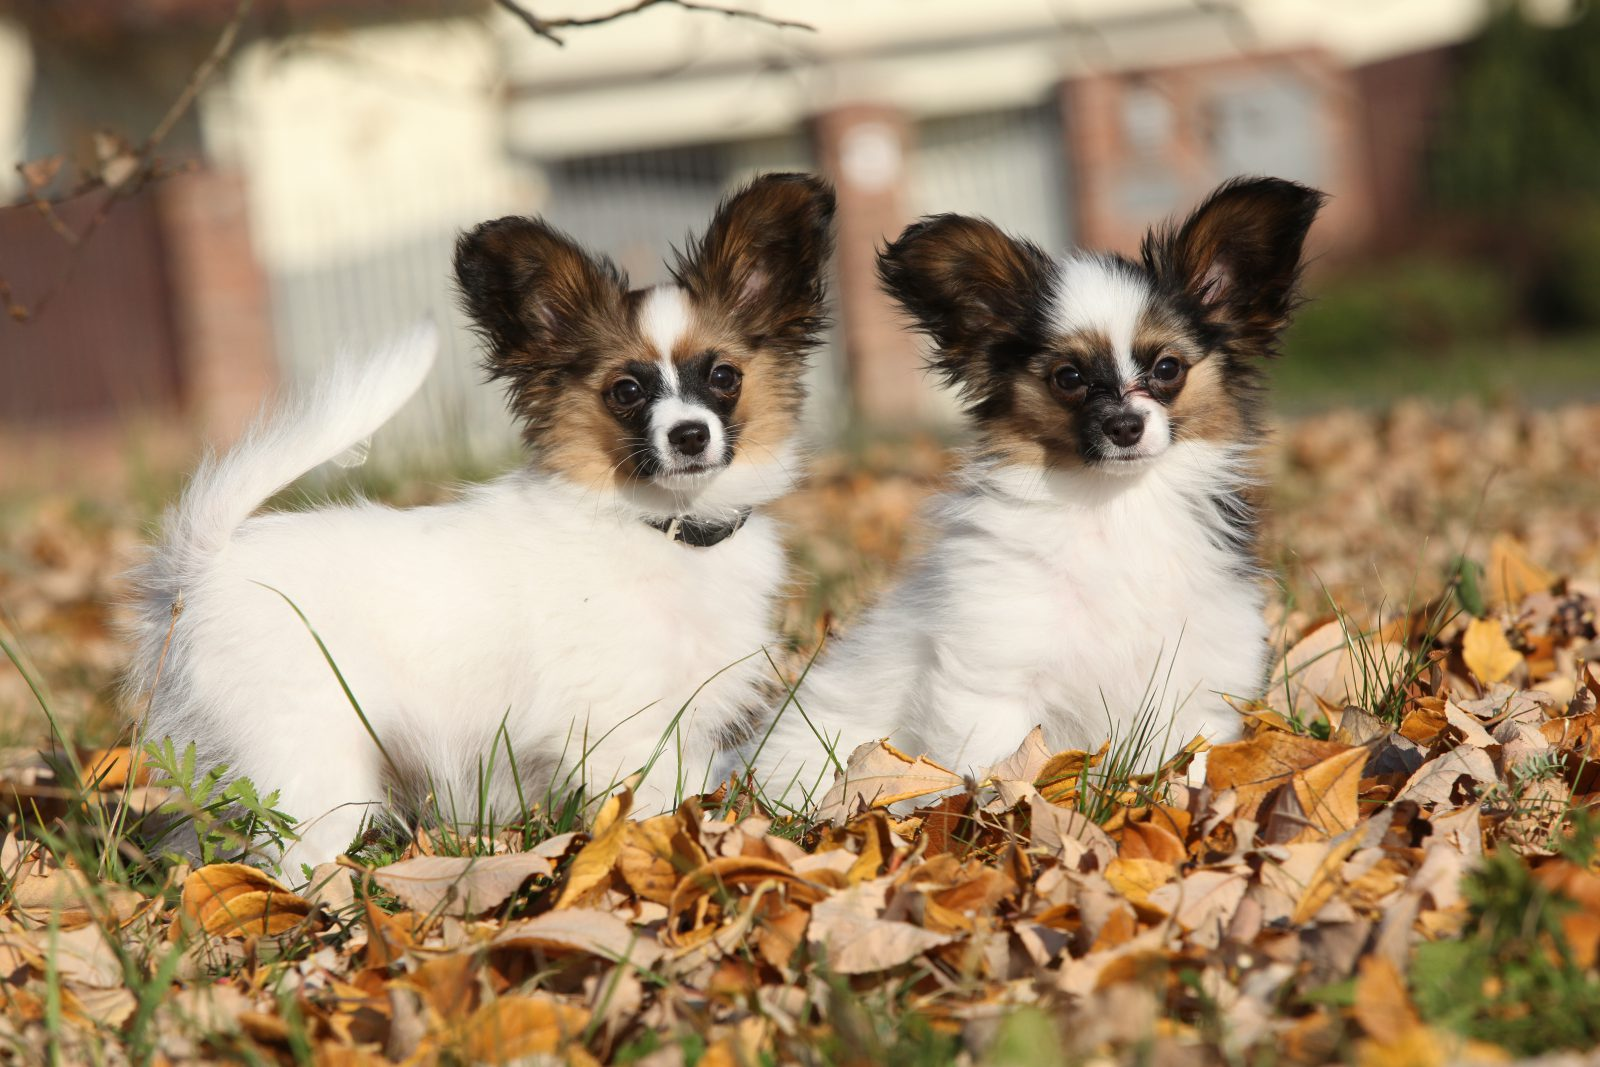 Cachorros pequenos: Dupla de Papillons no jardim em meio à folhas de outono.